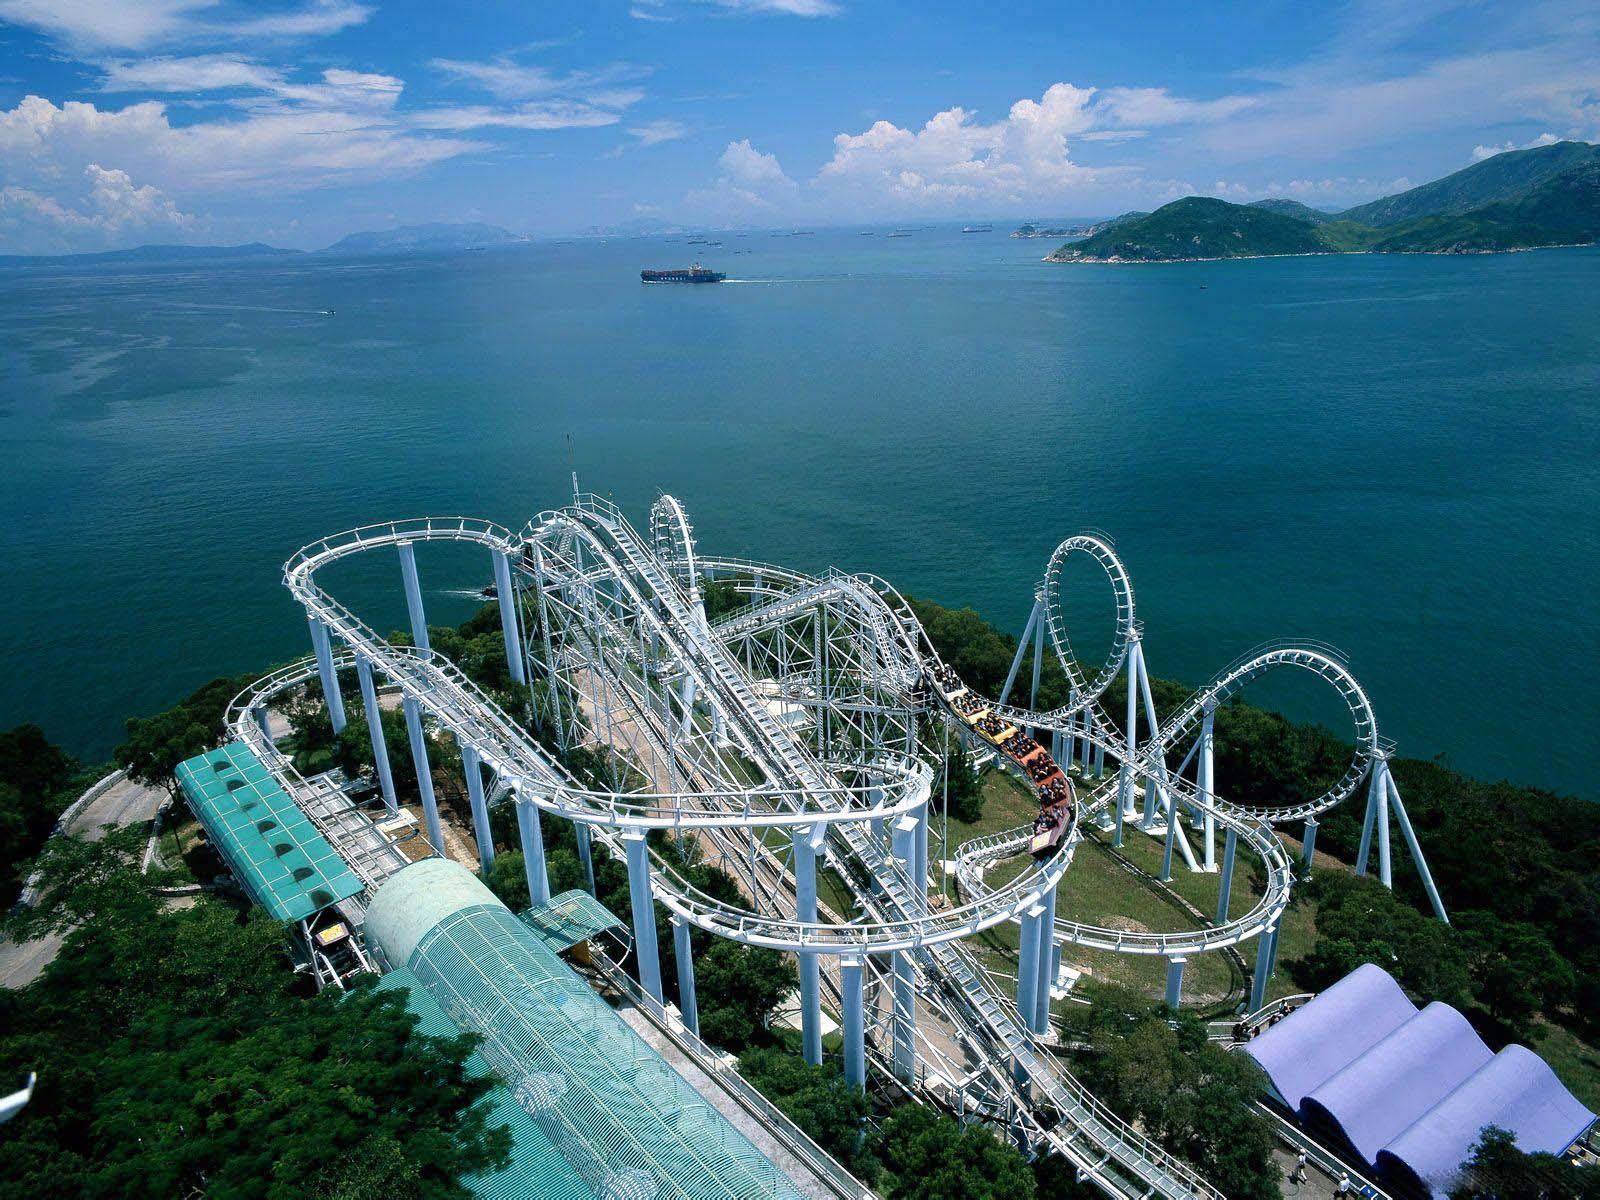 http://3.bp.blogspot.com/-vFPnXXQXBDY/Td9UpQRnl_I/AAAAAAAABM4/icXpnZDTTzs/s1600/ws_Hong_Kong_coaster_1600x1200.jpg